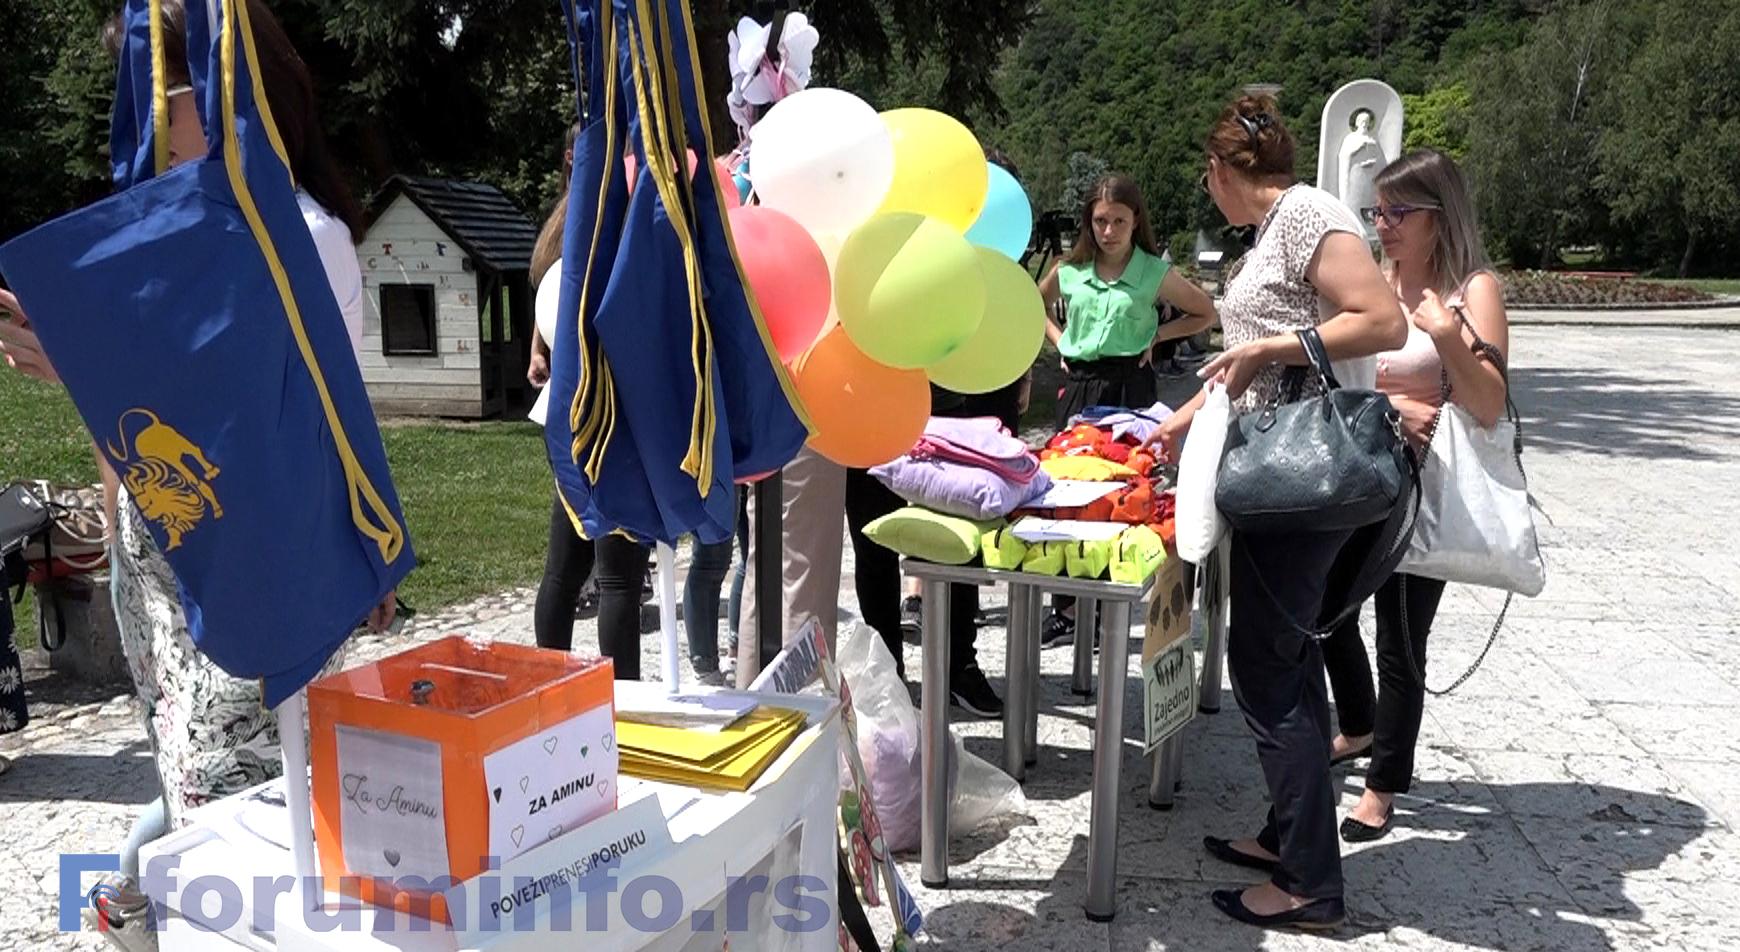 Пријепољци и Пријепољке показали хуманост донирајући за лечење Амине Мулагановић